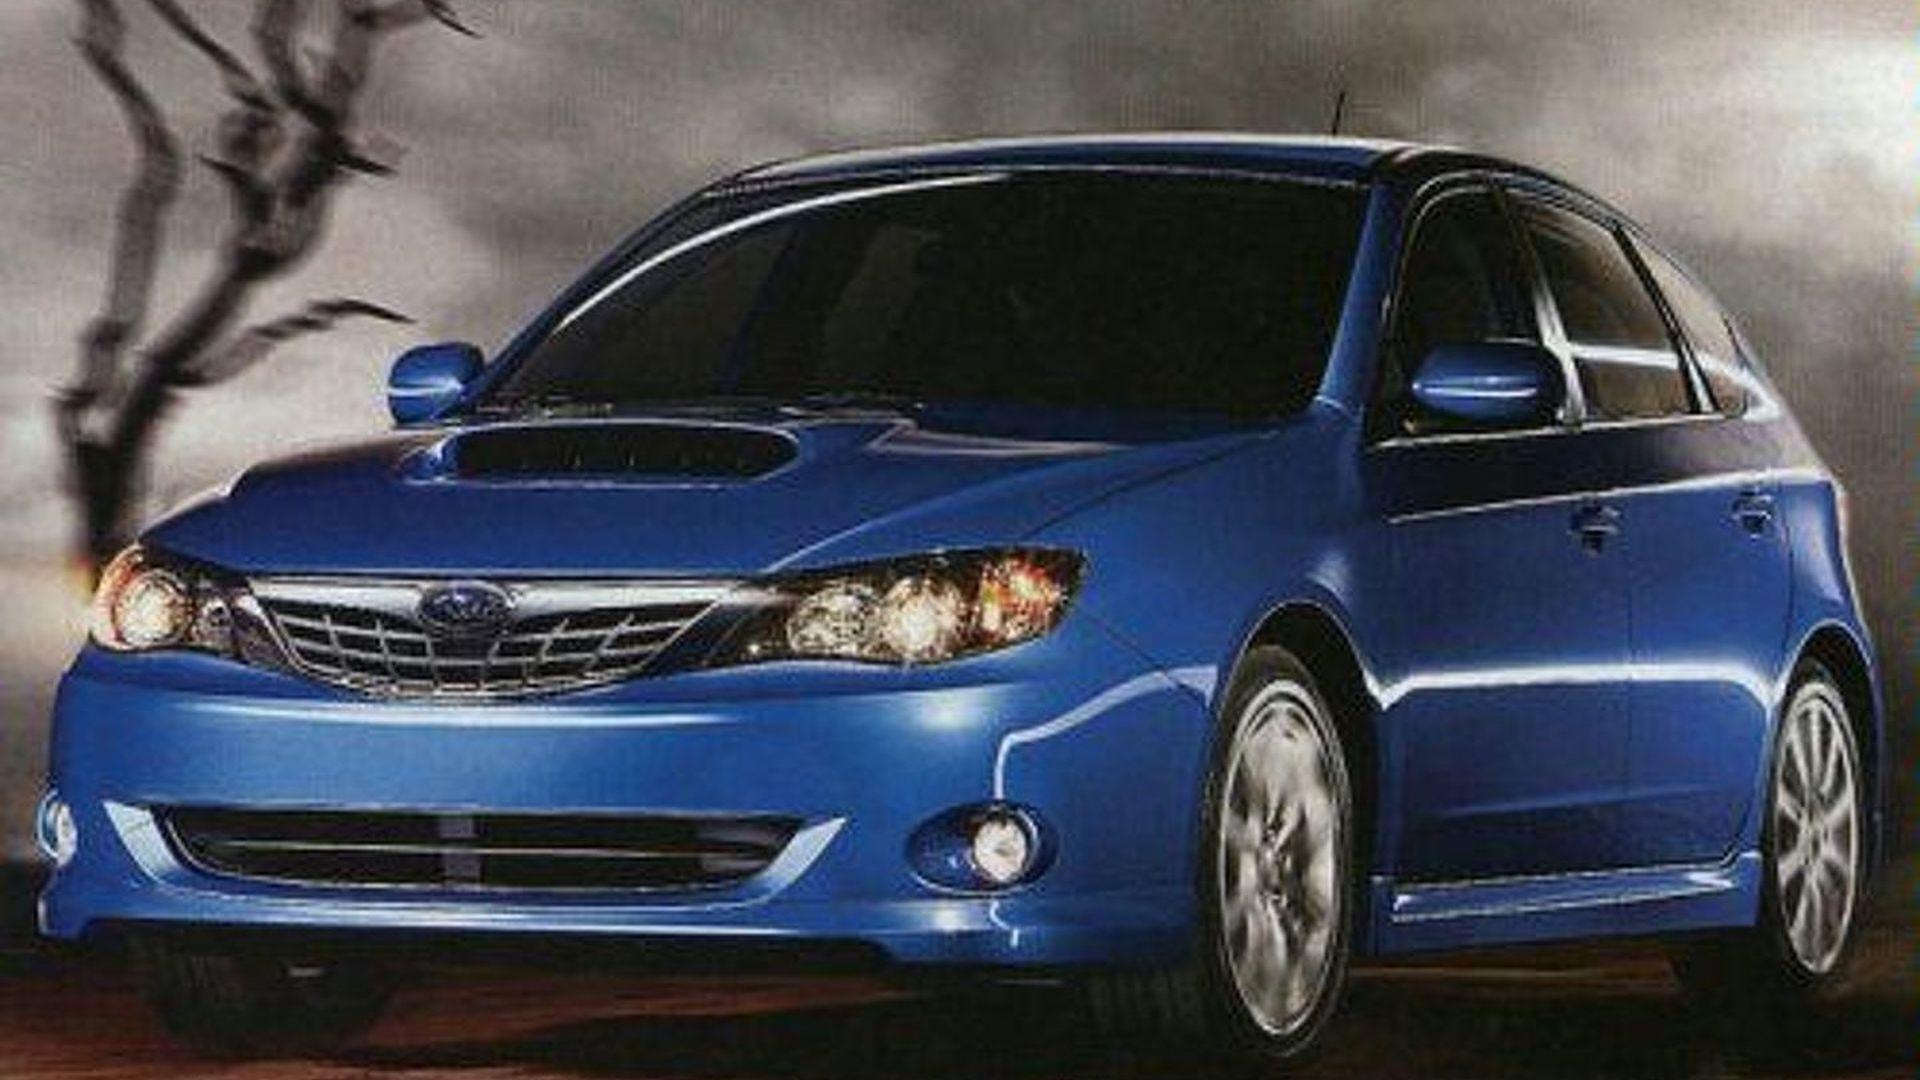 New York Auto Show: Subaru Impreza WRX